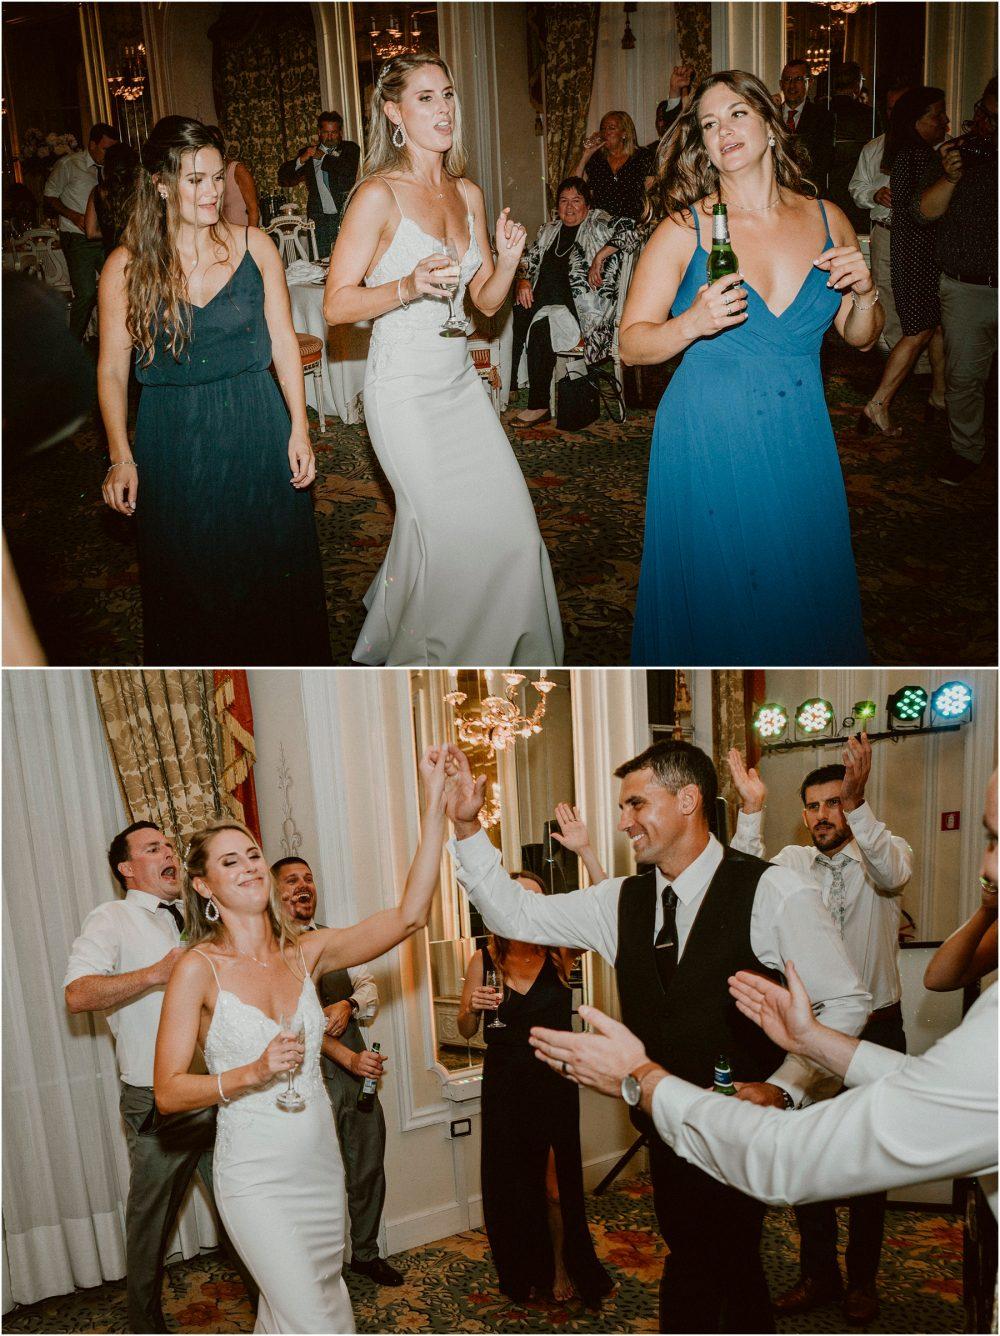 Grand Hotel Des Iles Borromees, matrimonio Lago Maggiore Stresa gli sposi ballano con gli amici primo ballo